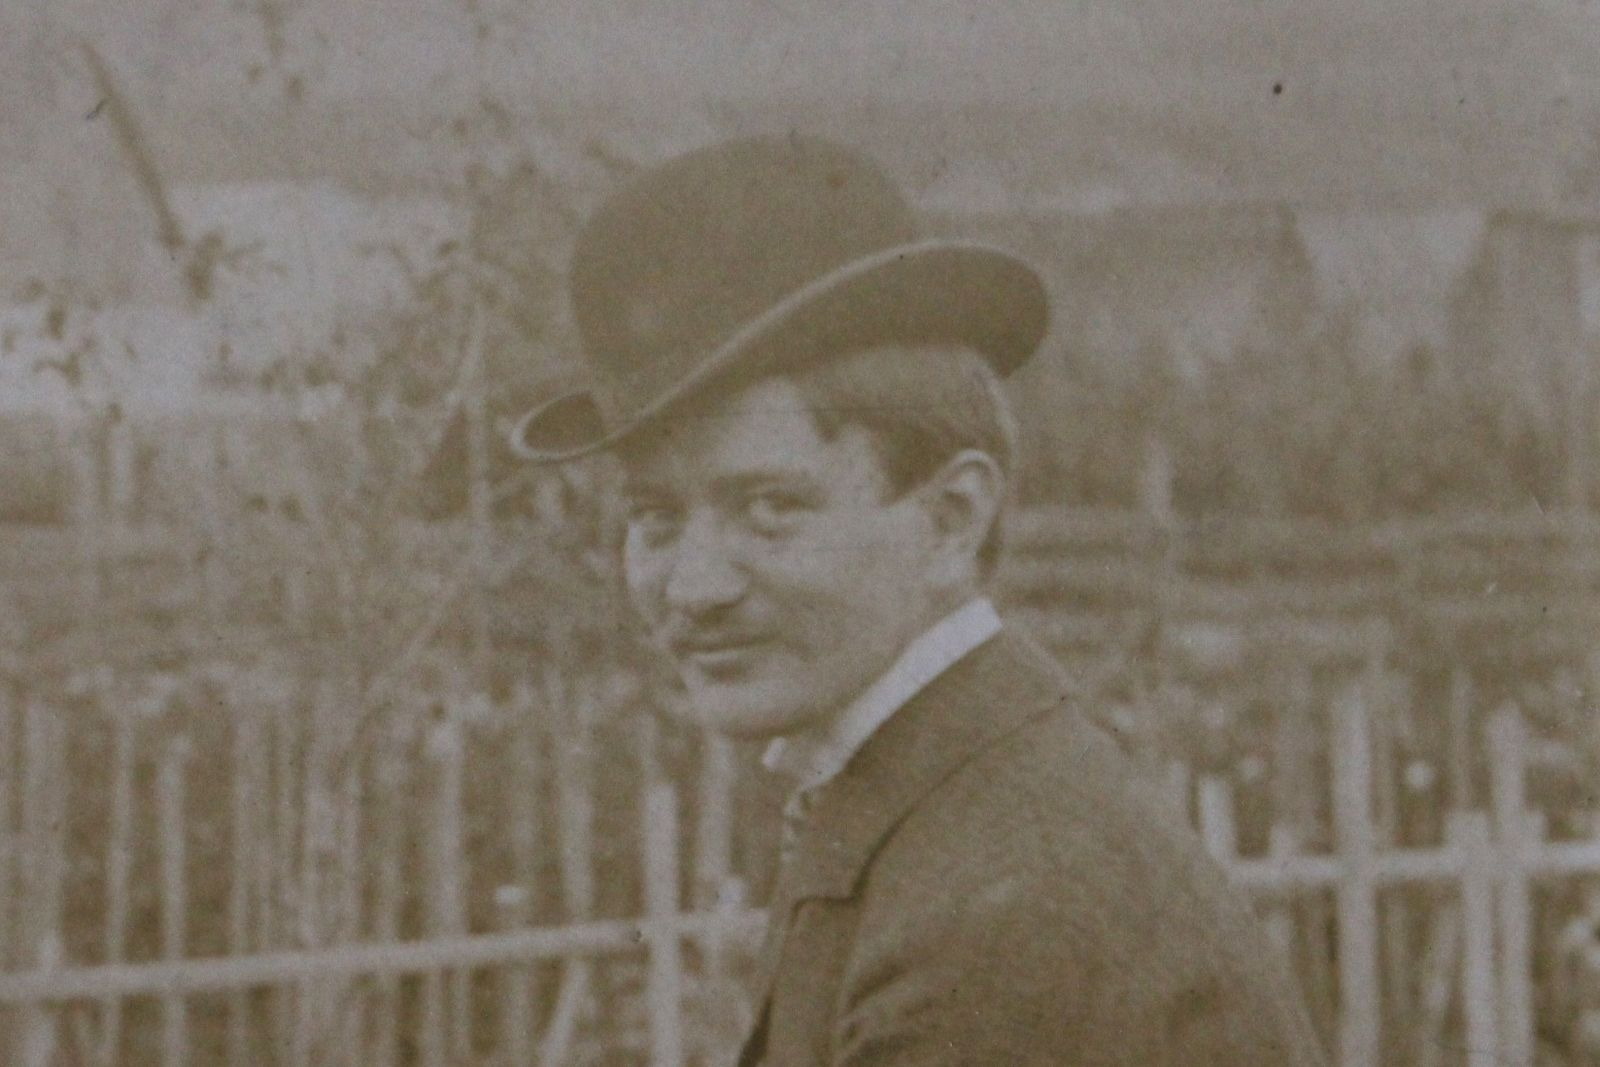 Paál Árpád 1925-ben Székelyudvarhelyen   Forrás: Paál Árpád Kézirathagyatéka, Haáz Rezső Múzeum, Székelyudvarhely